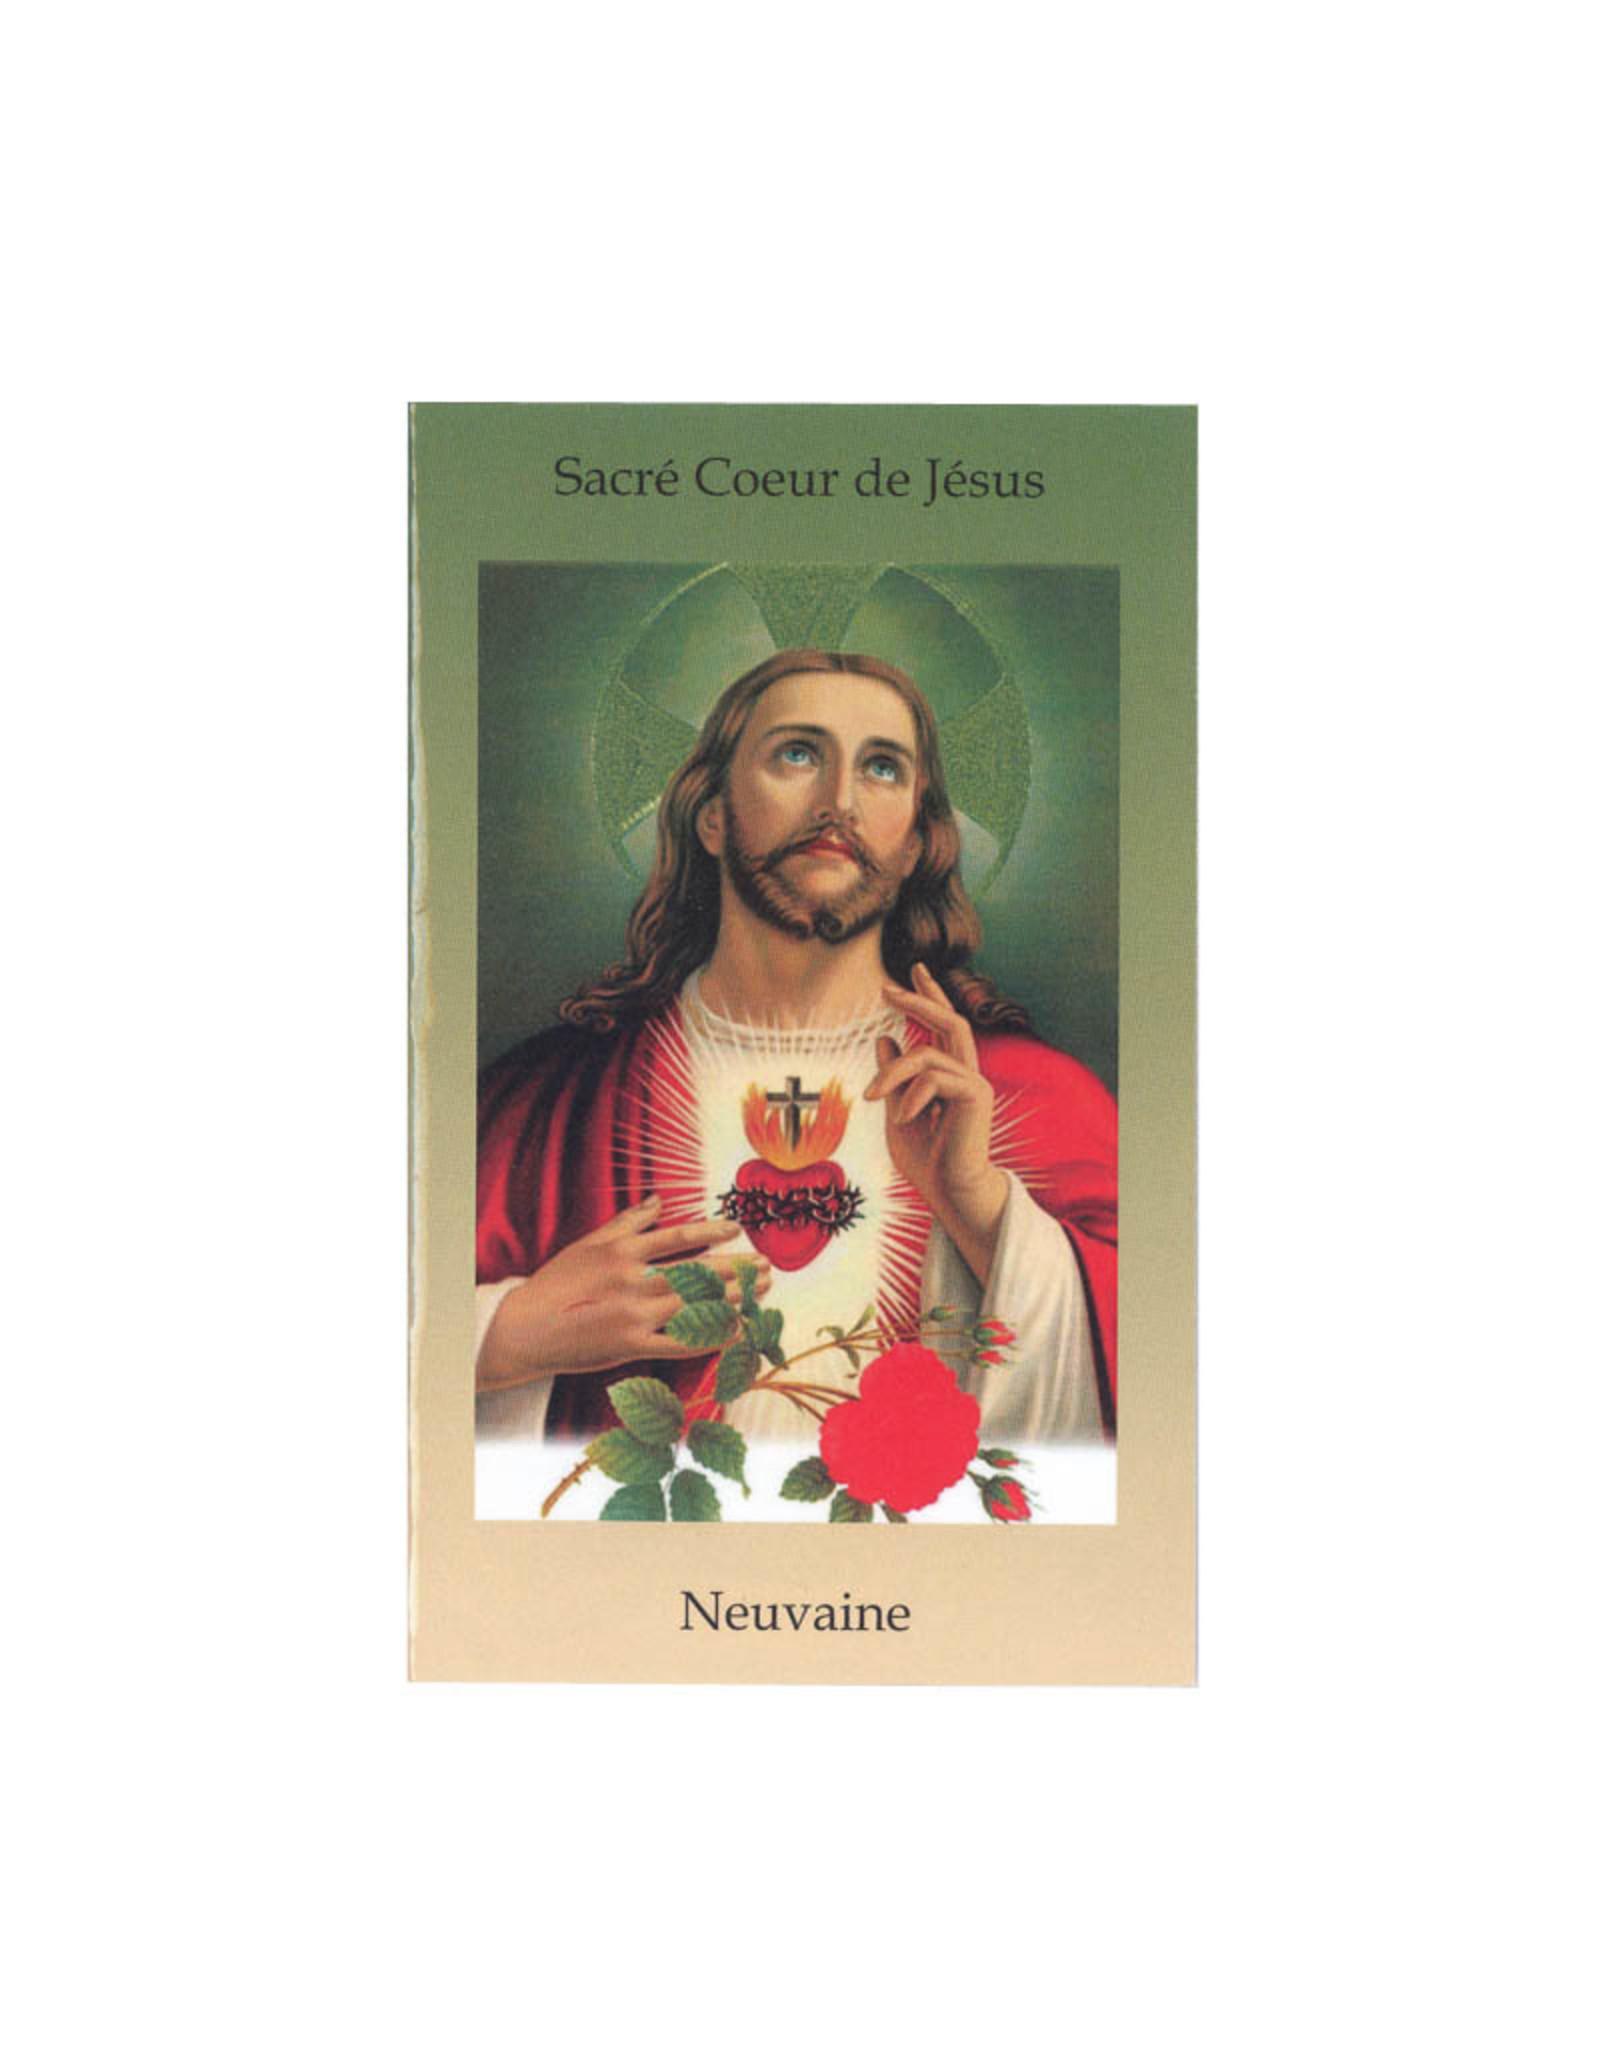 Neuvaine Sacré Cœur de Jésus